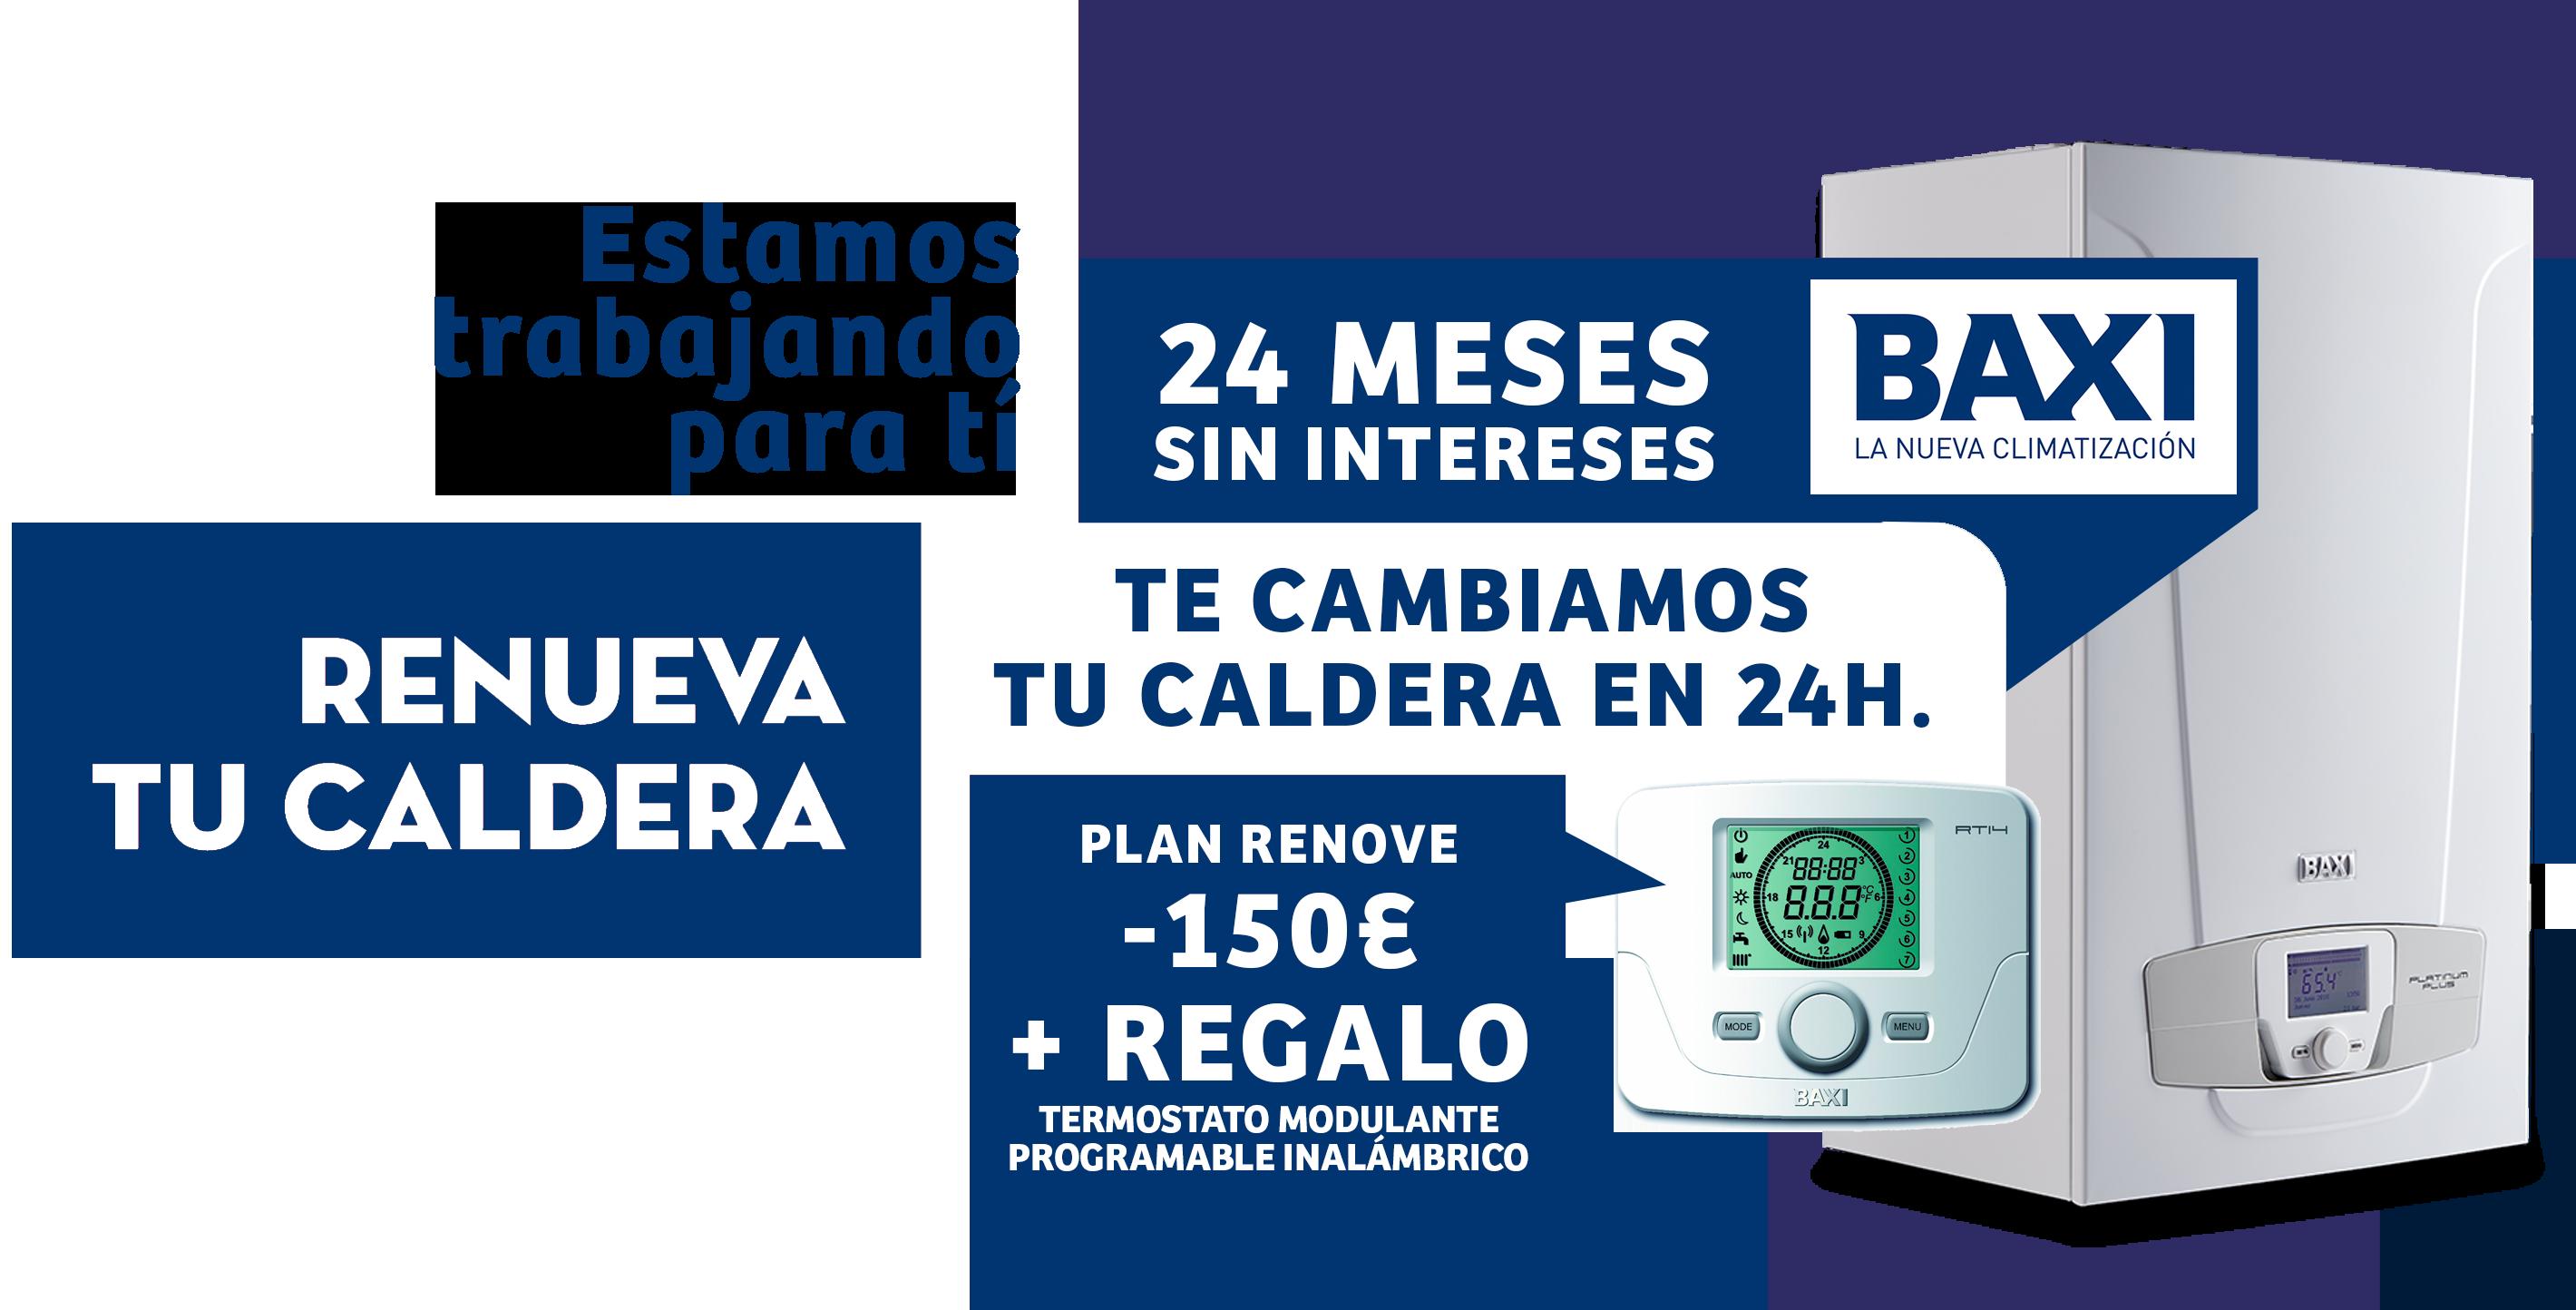 OFERTA CALDERA MARZO BAXI 2020